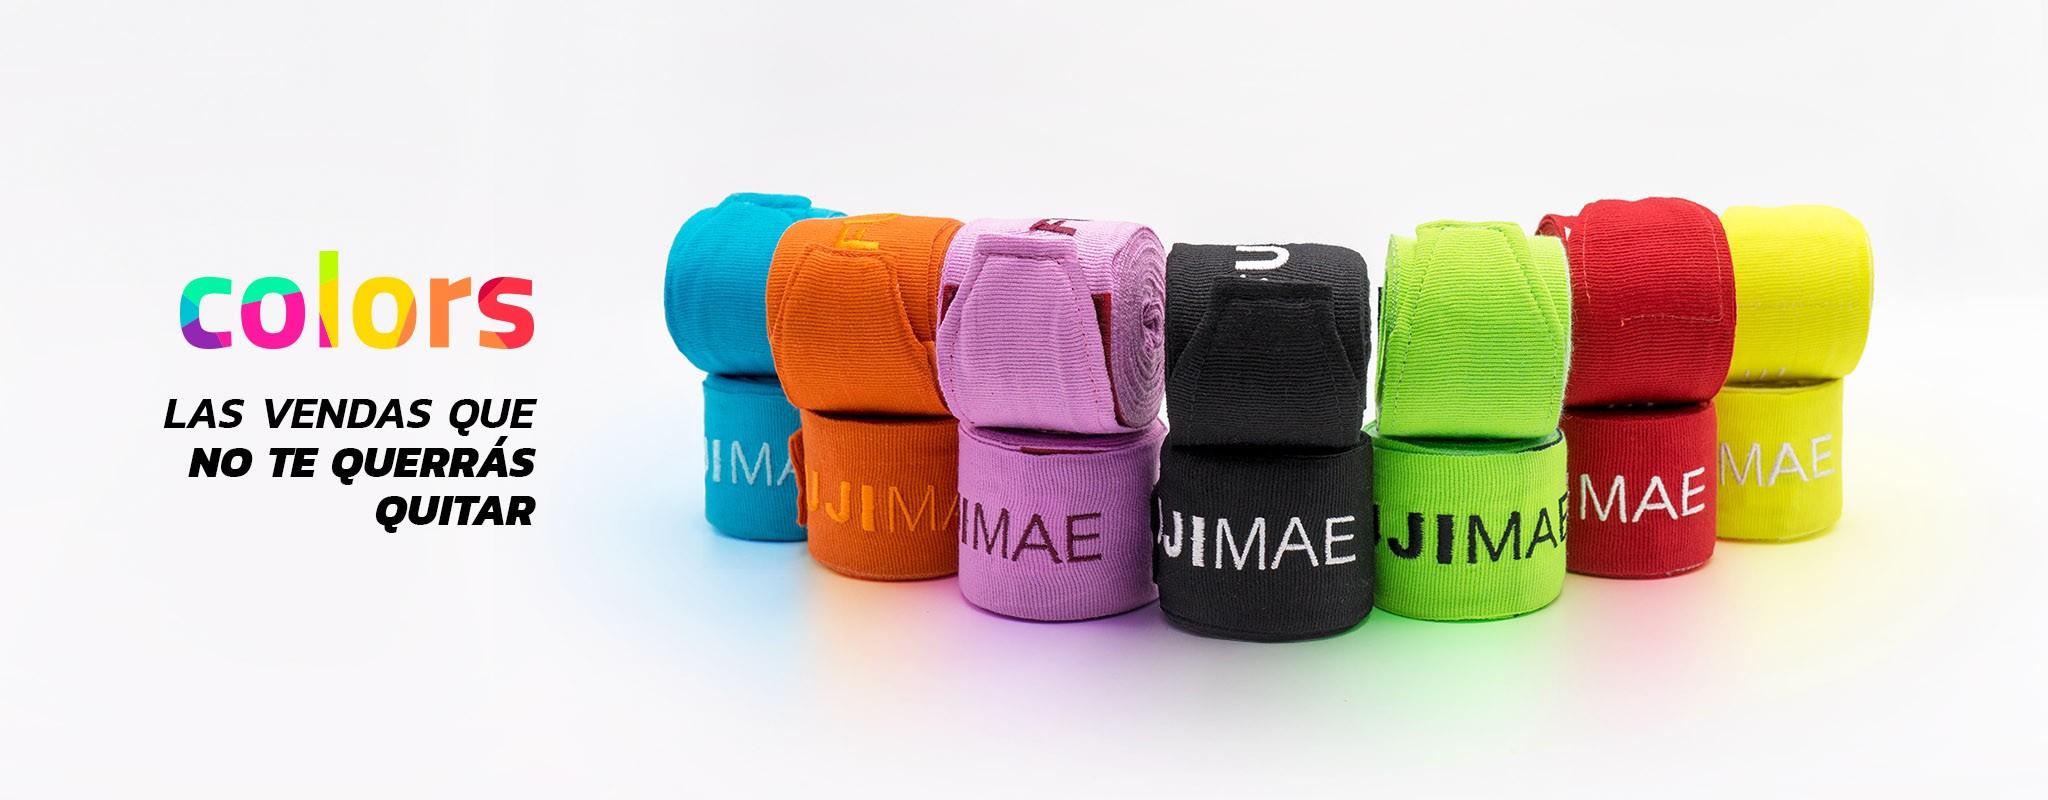 Vendas de Boxeo Colors